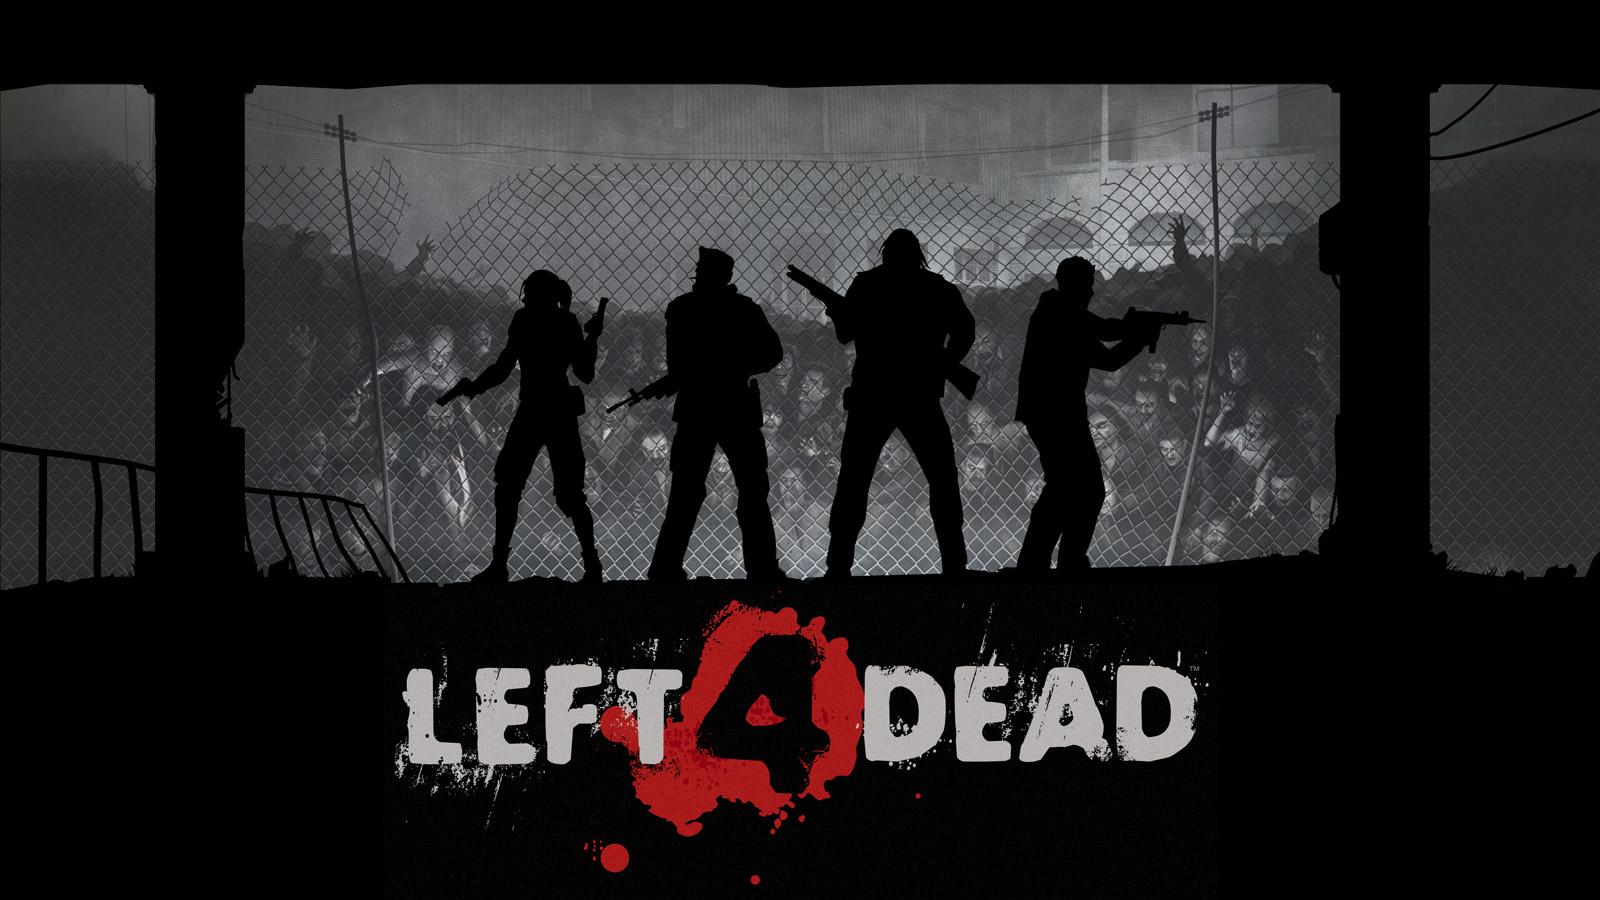 http://1.bp.blogspot.com/-AonuDvyt0Do/TZnE08ABi9I/AAAAAAAAE0Q/iGfV2FzrQuY/s1600/Left+4+Dead+wallpaper.jpg